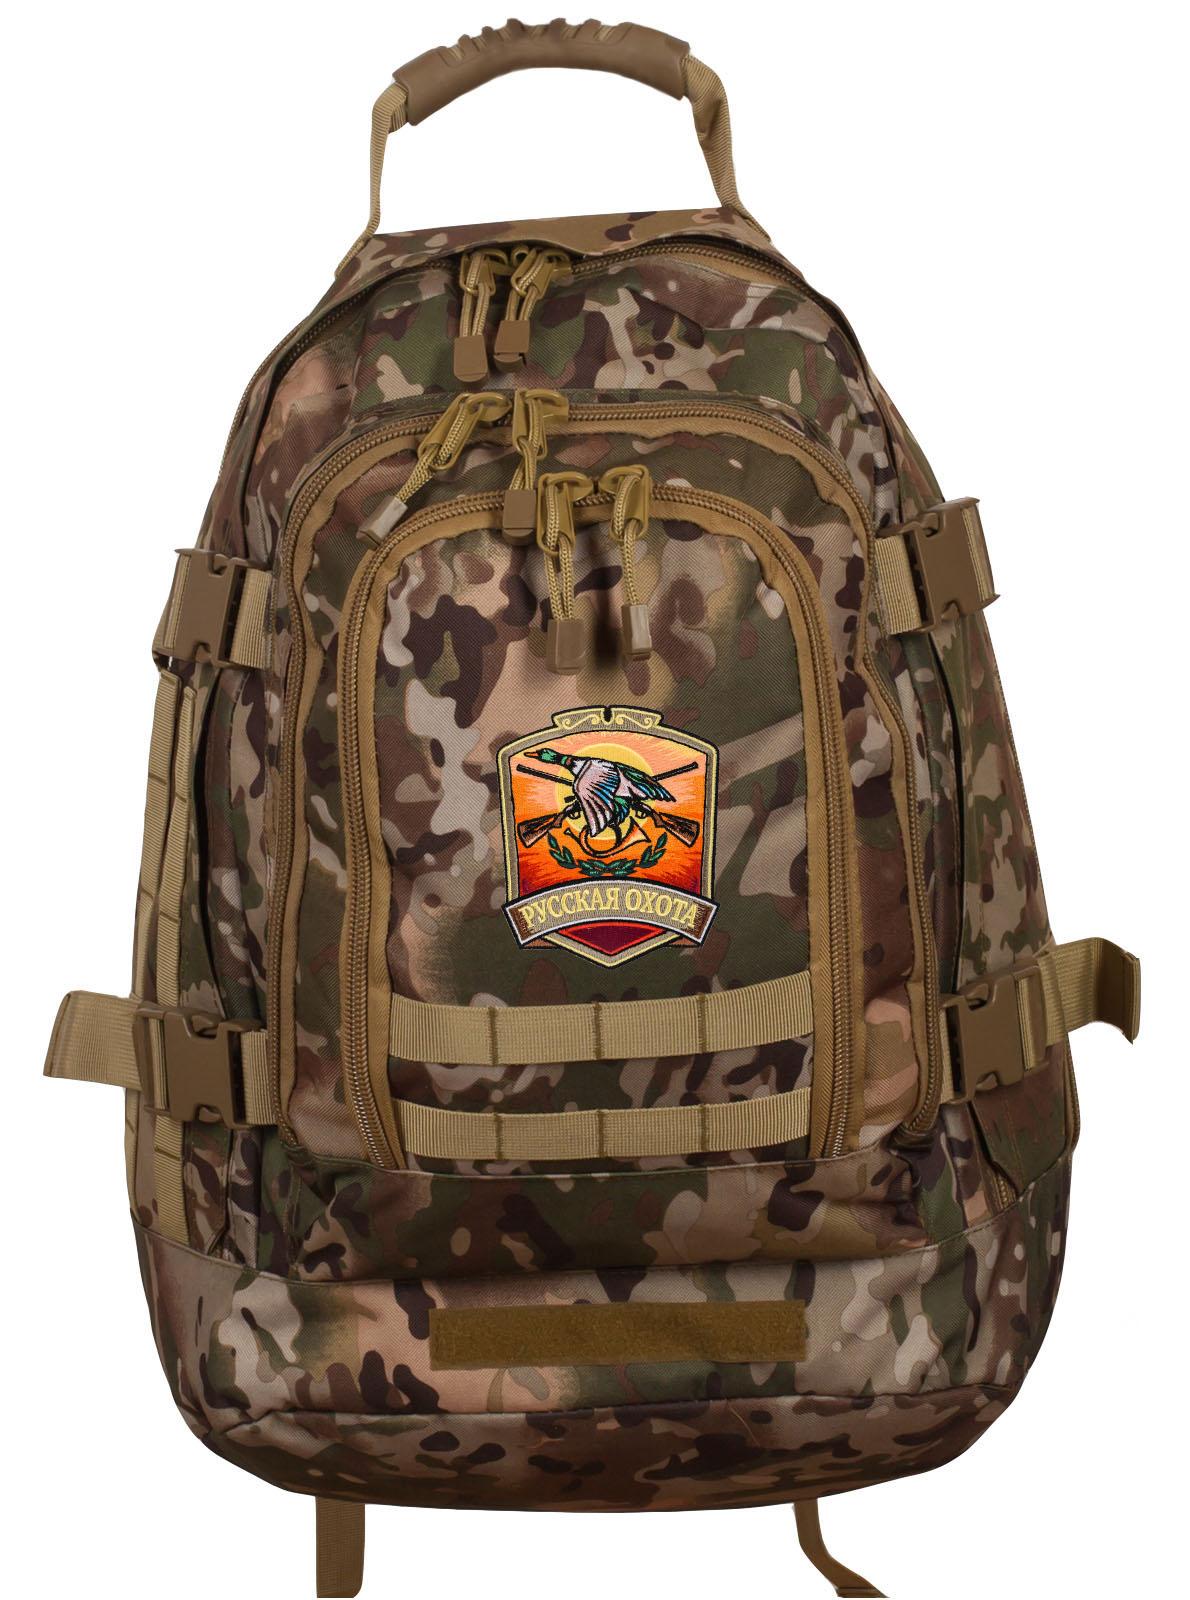 Камуфляжный рюкзак для охотника с нашивкой Русская Охота - купить в подарок